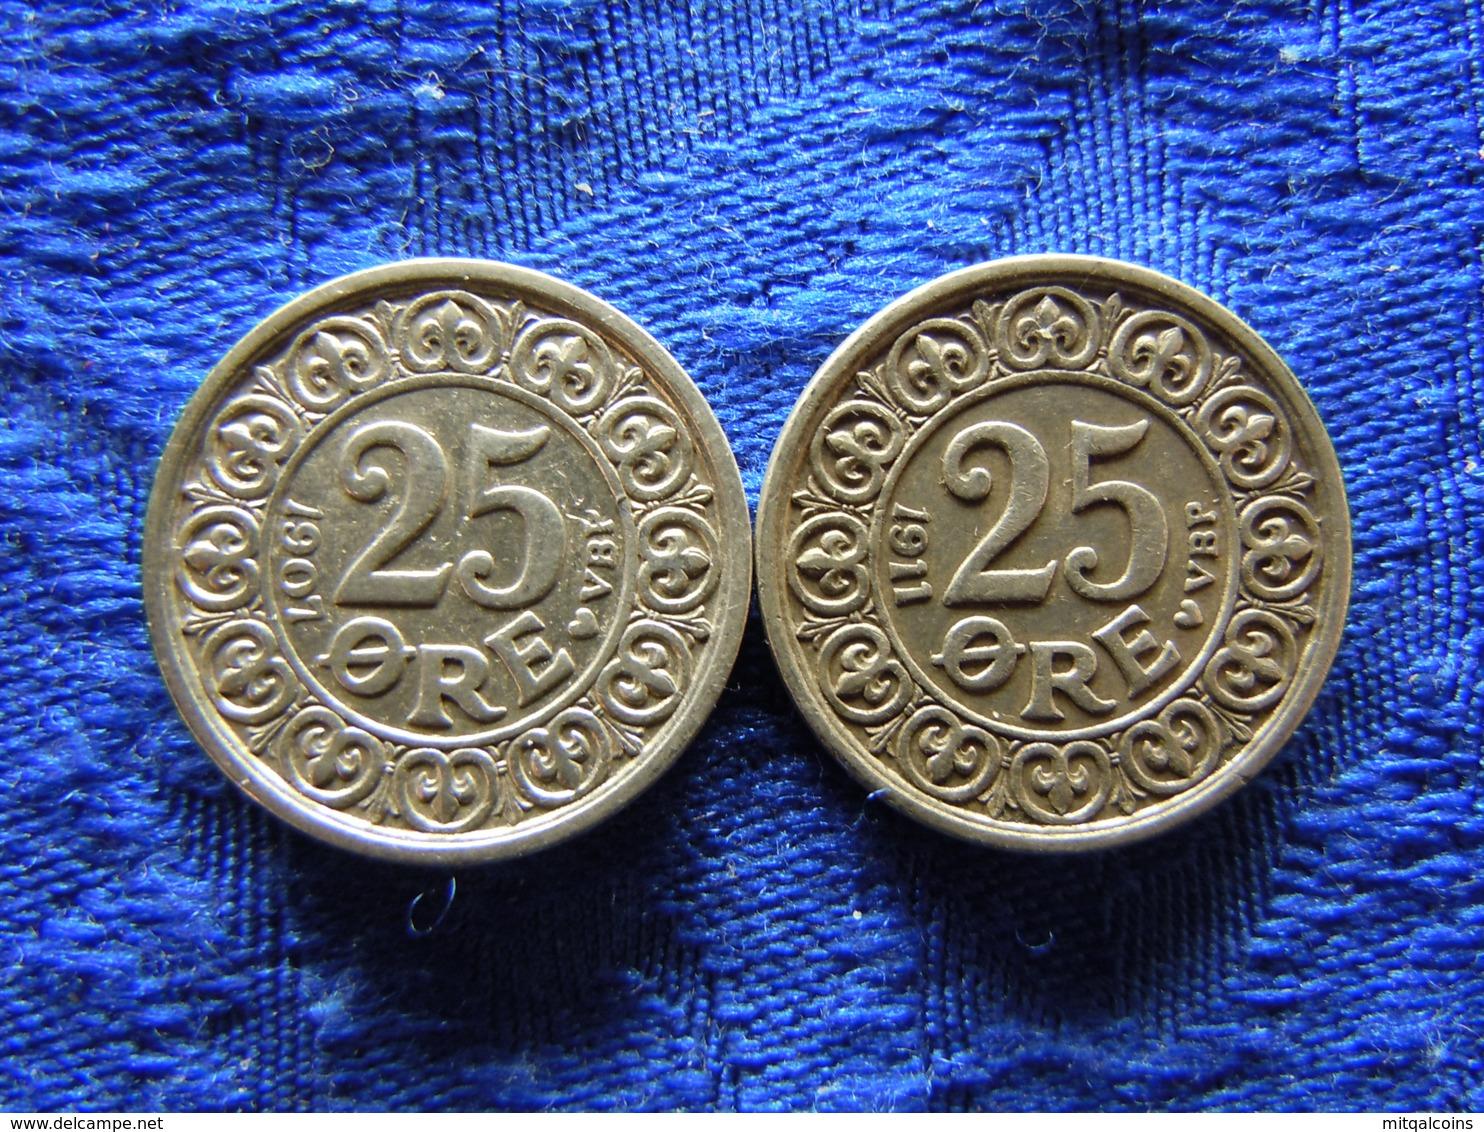 DENMARK 25 ORE 1907, 1911, KM808 - Danemark